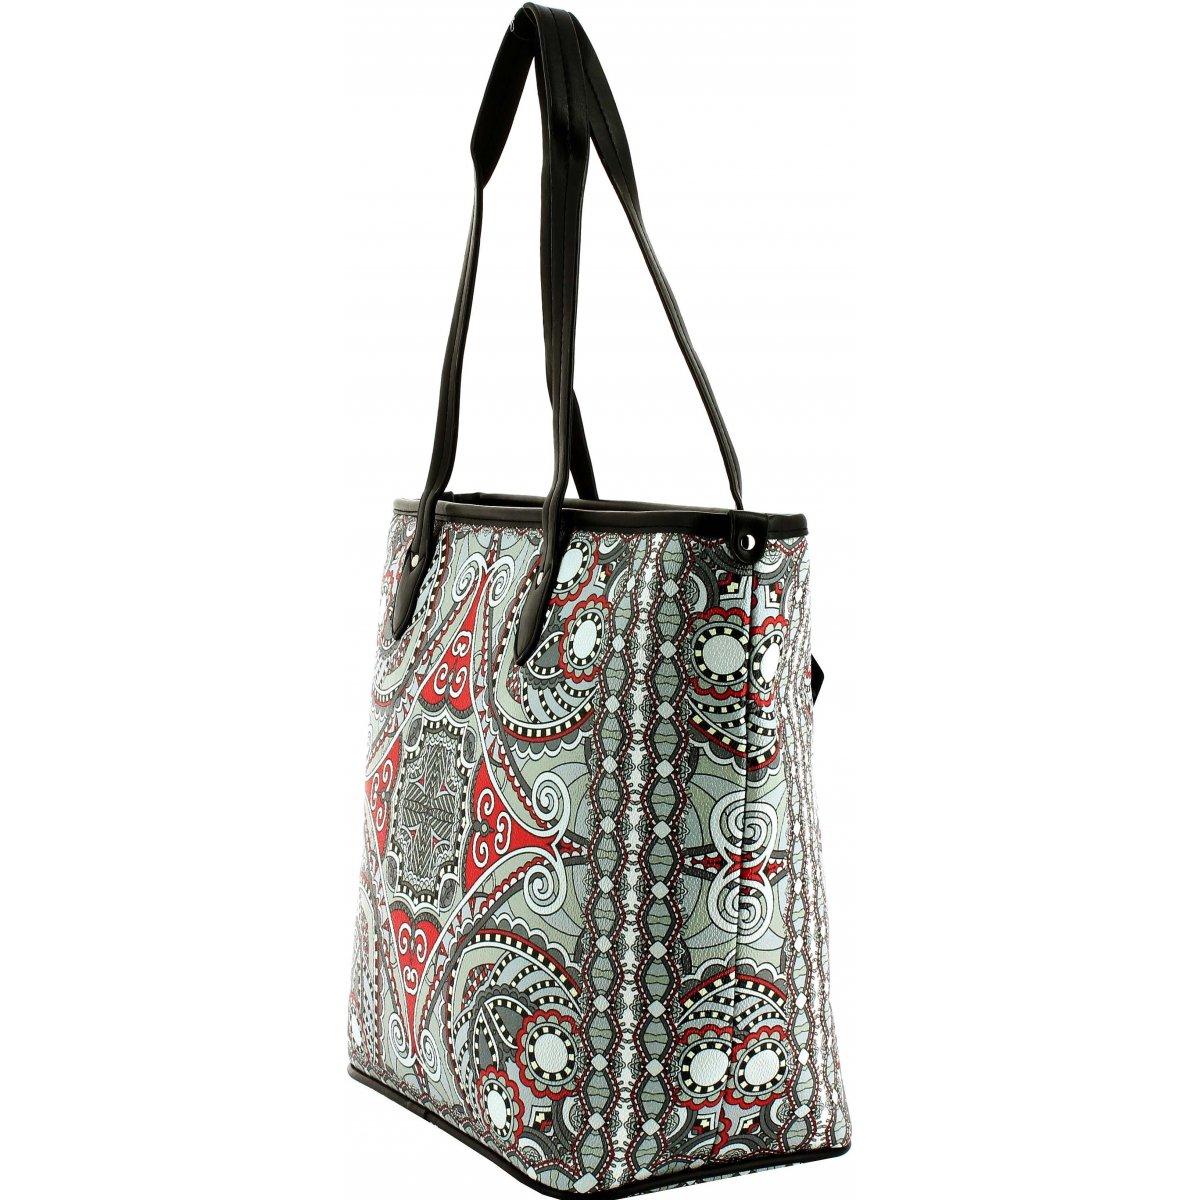 sac main les sacs de krlot fkg00962 couleur principale blanc promotion. Black Bedroom Furniture Sets. Home Design Ideas